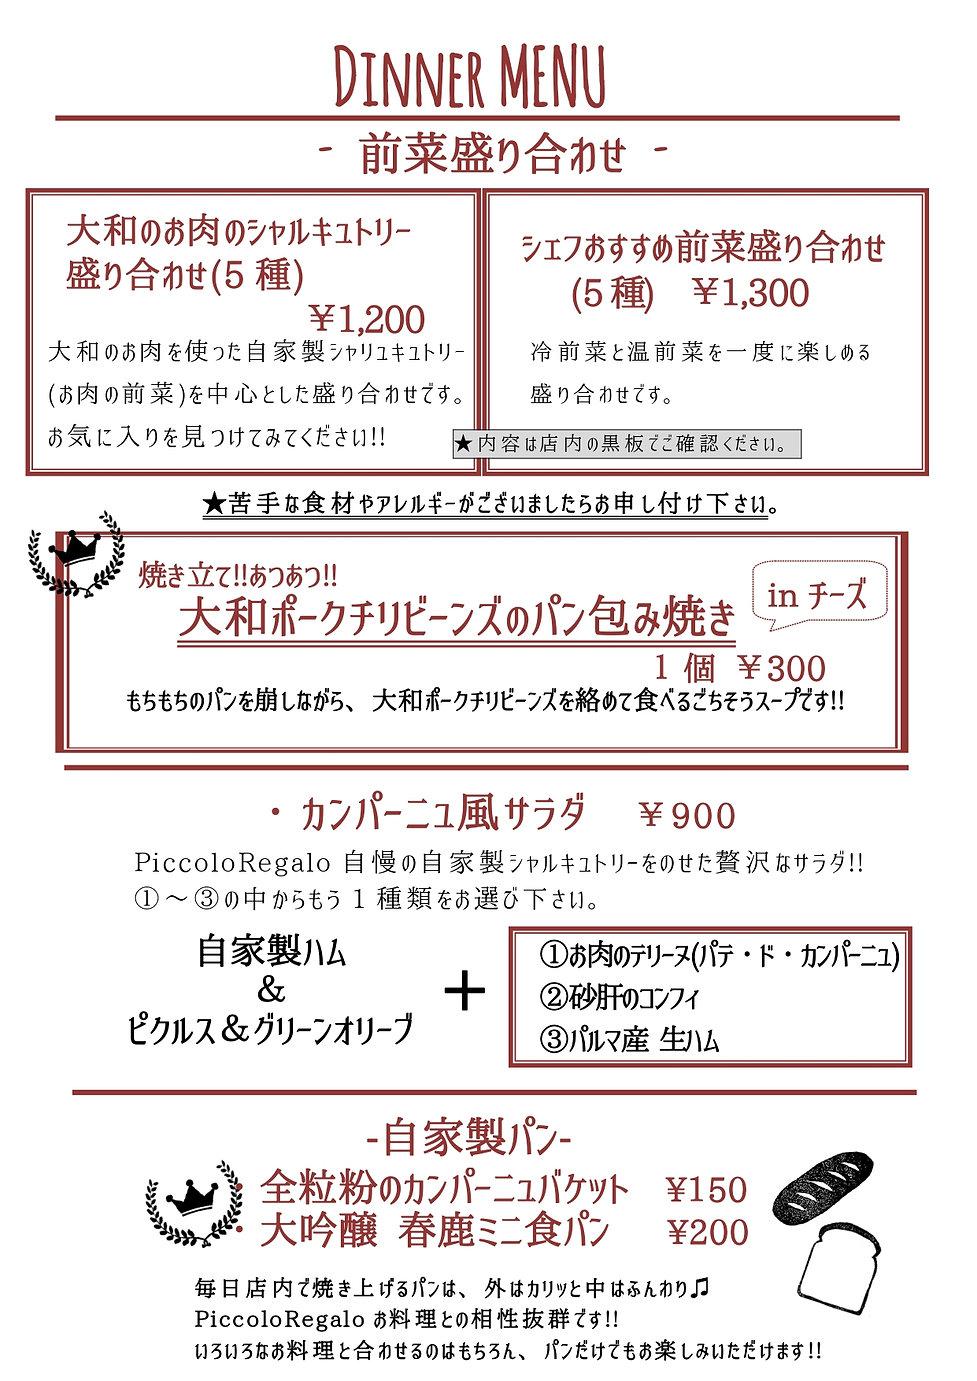 7.20ディナーメニュー1 - 変更 ★b - コピー - コピー_page-0